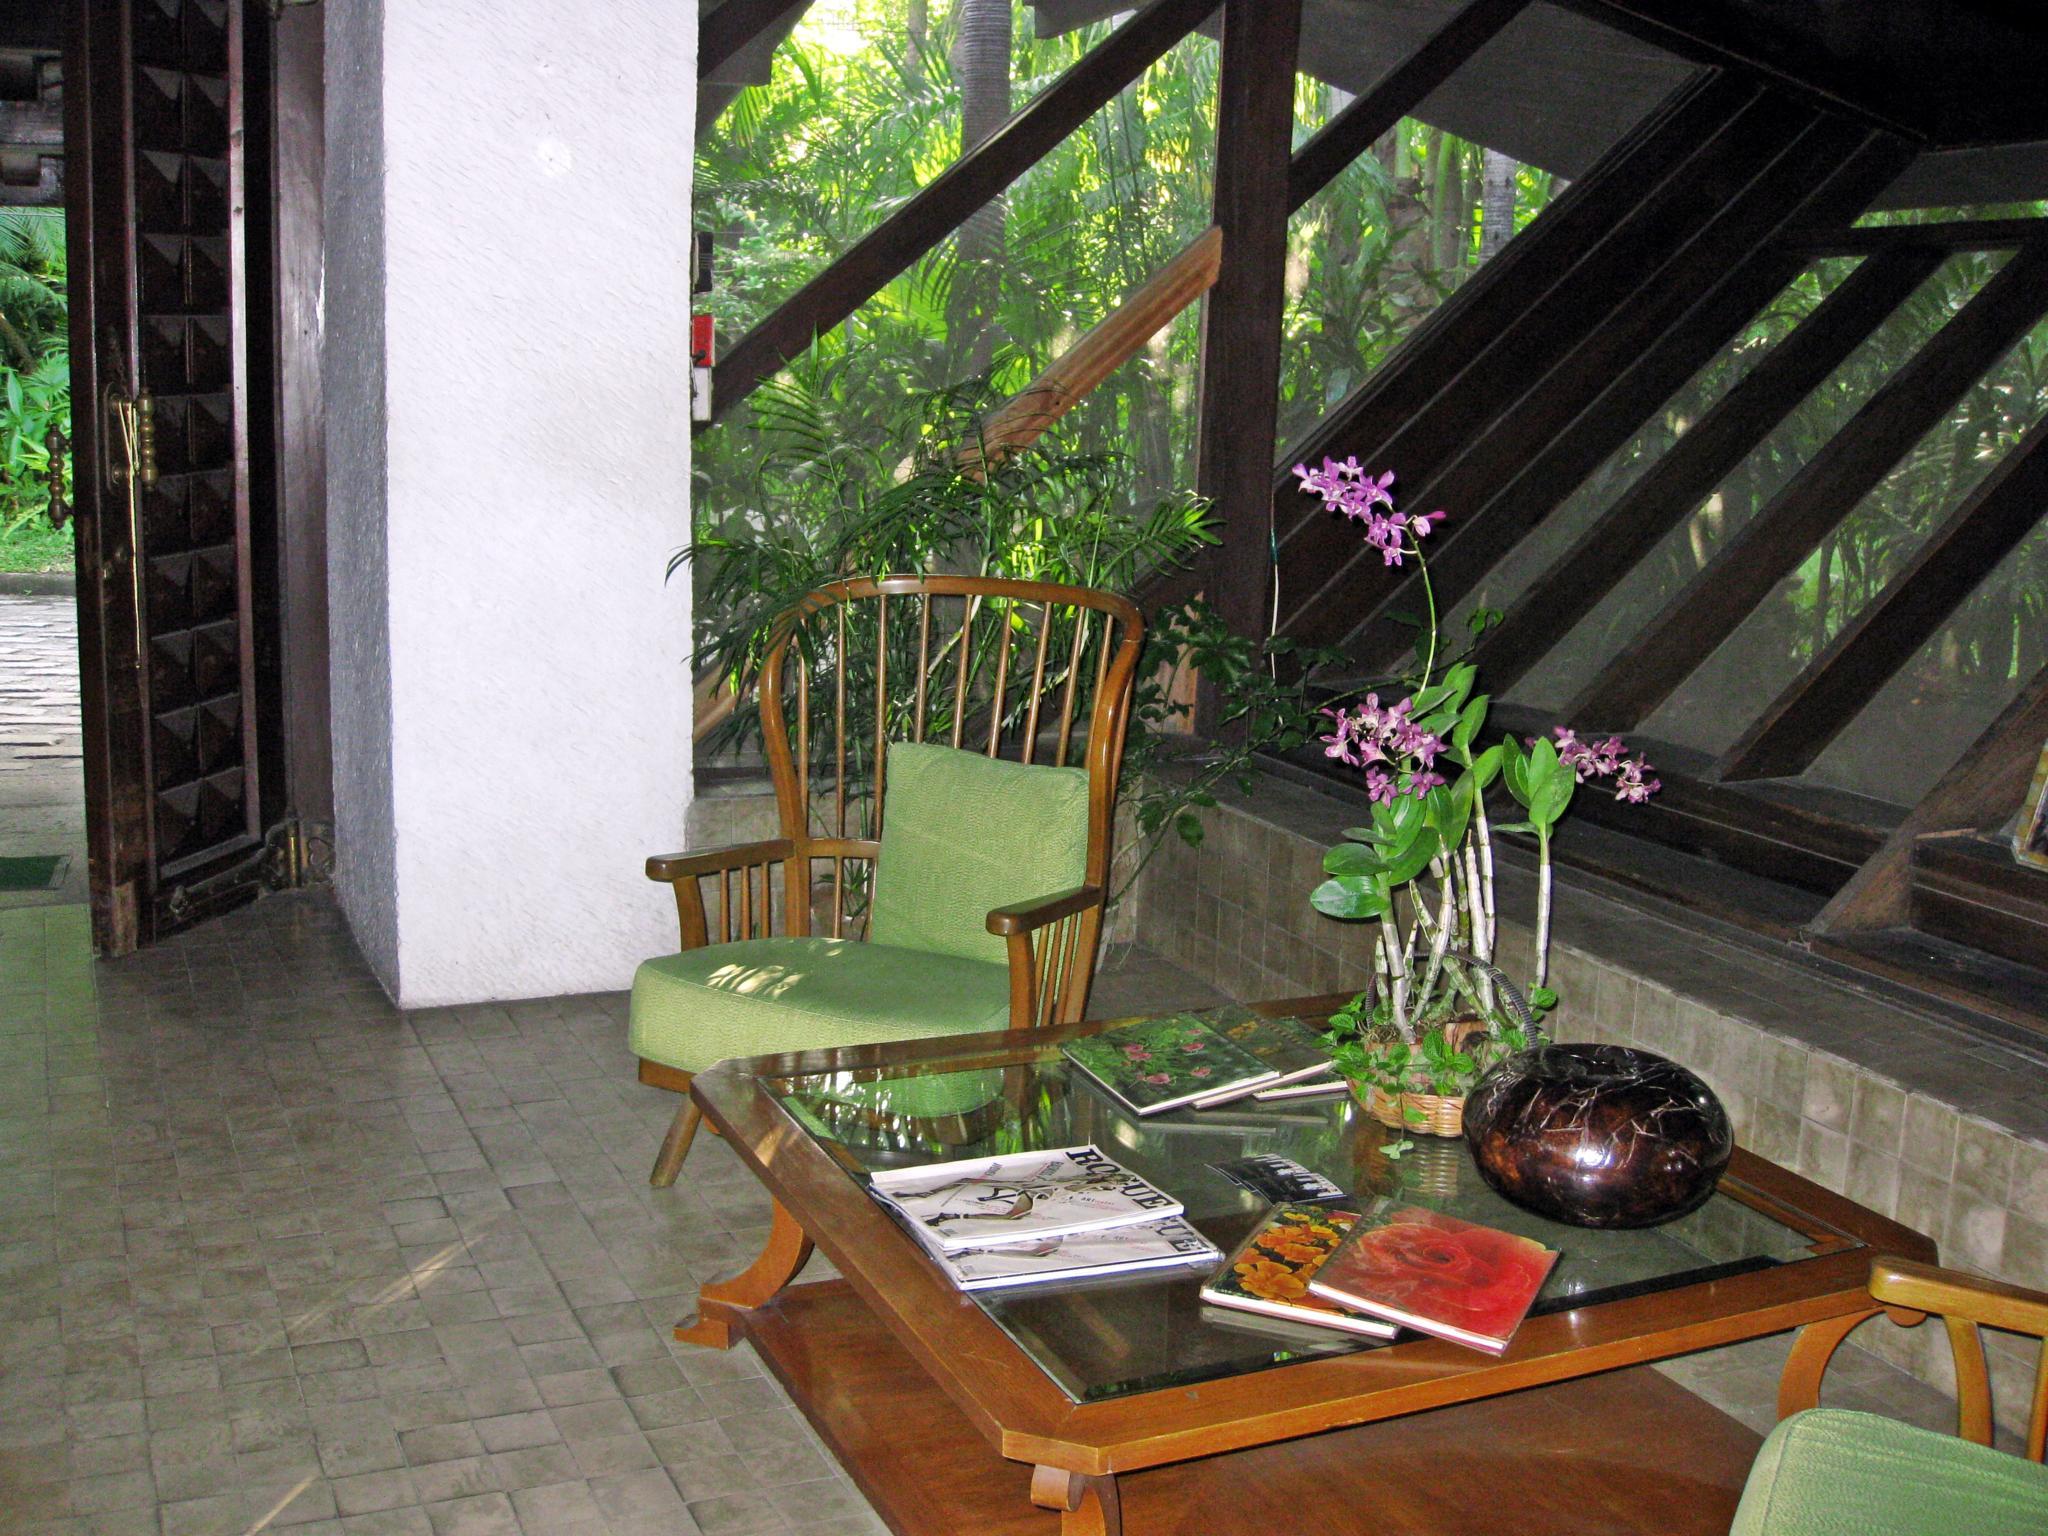 Reception Room 3 by arraguado